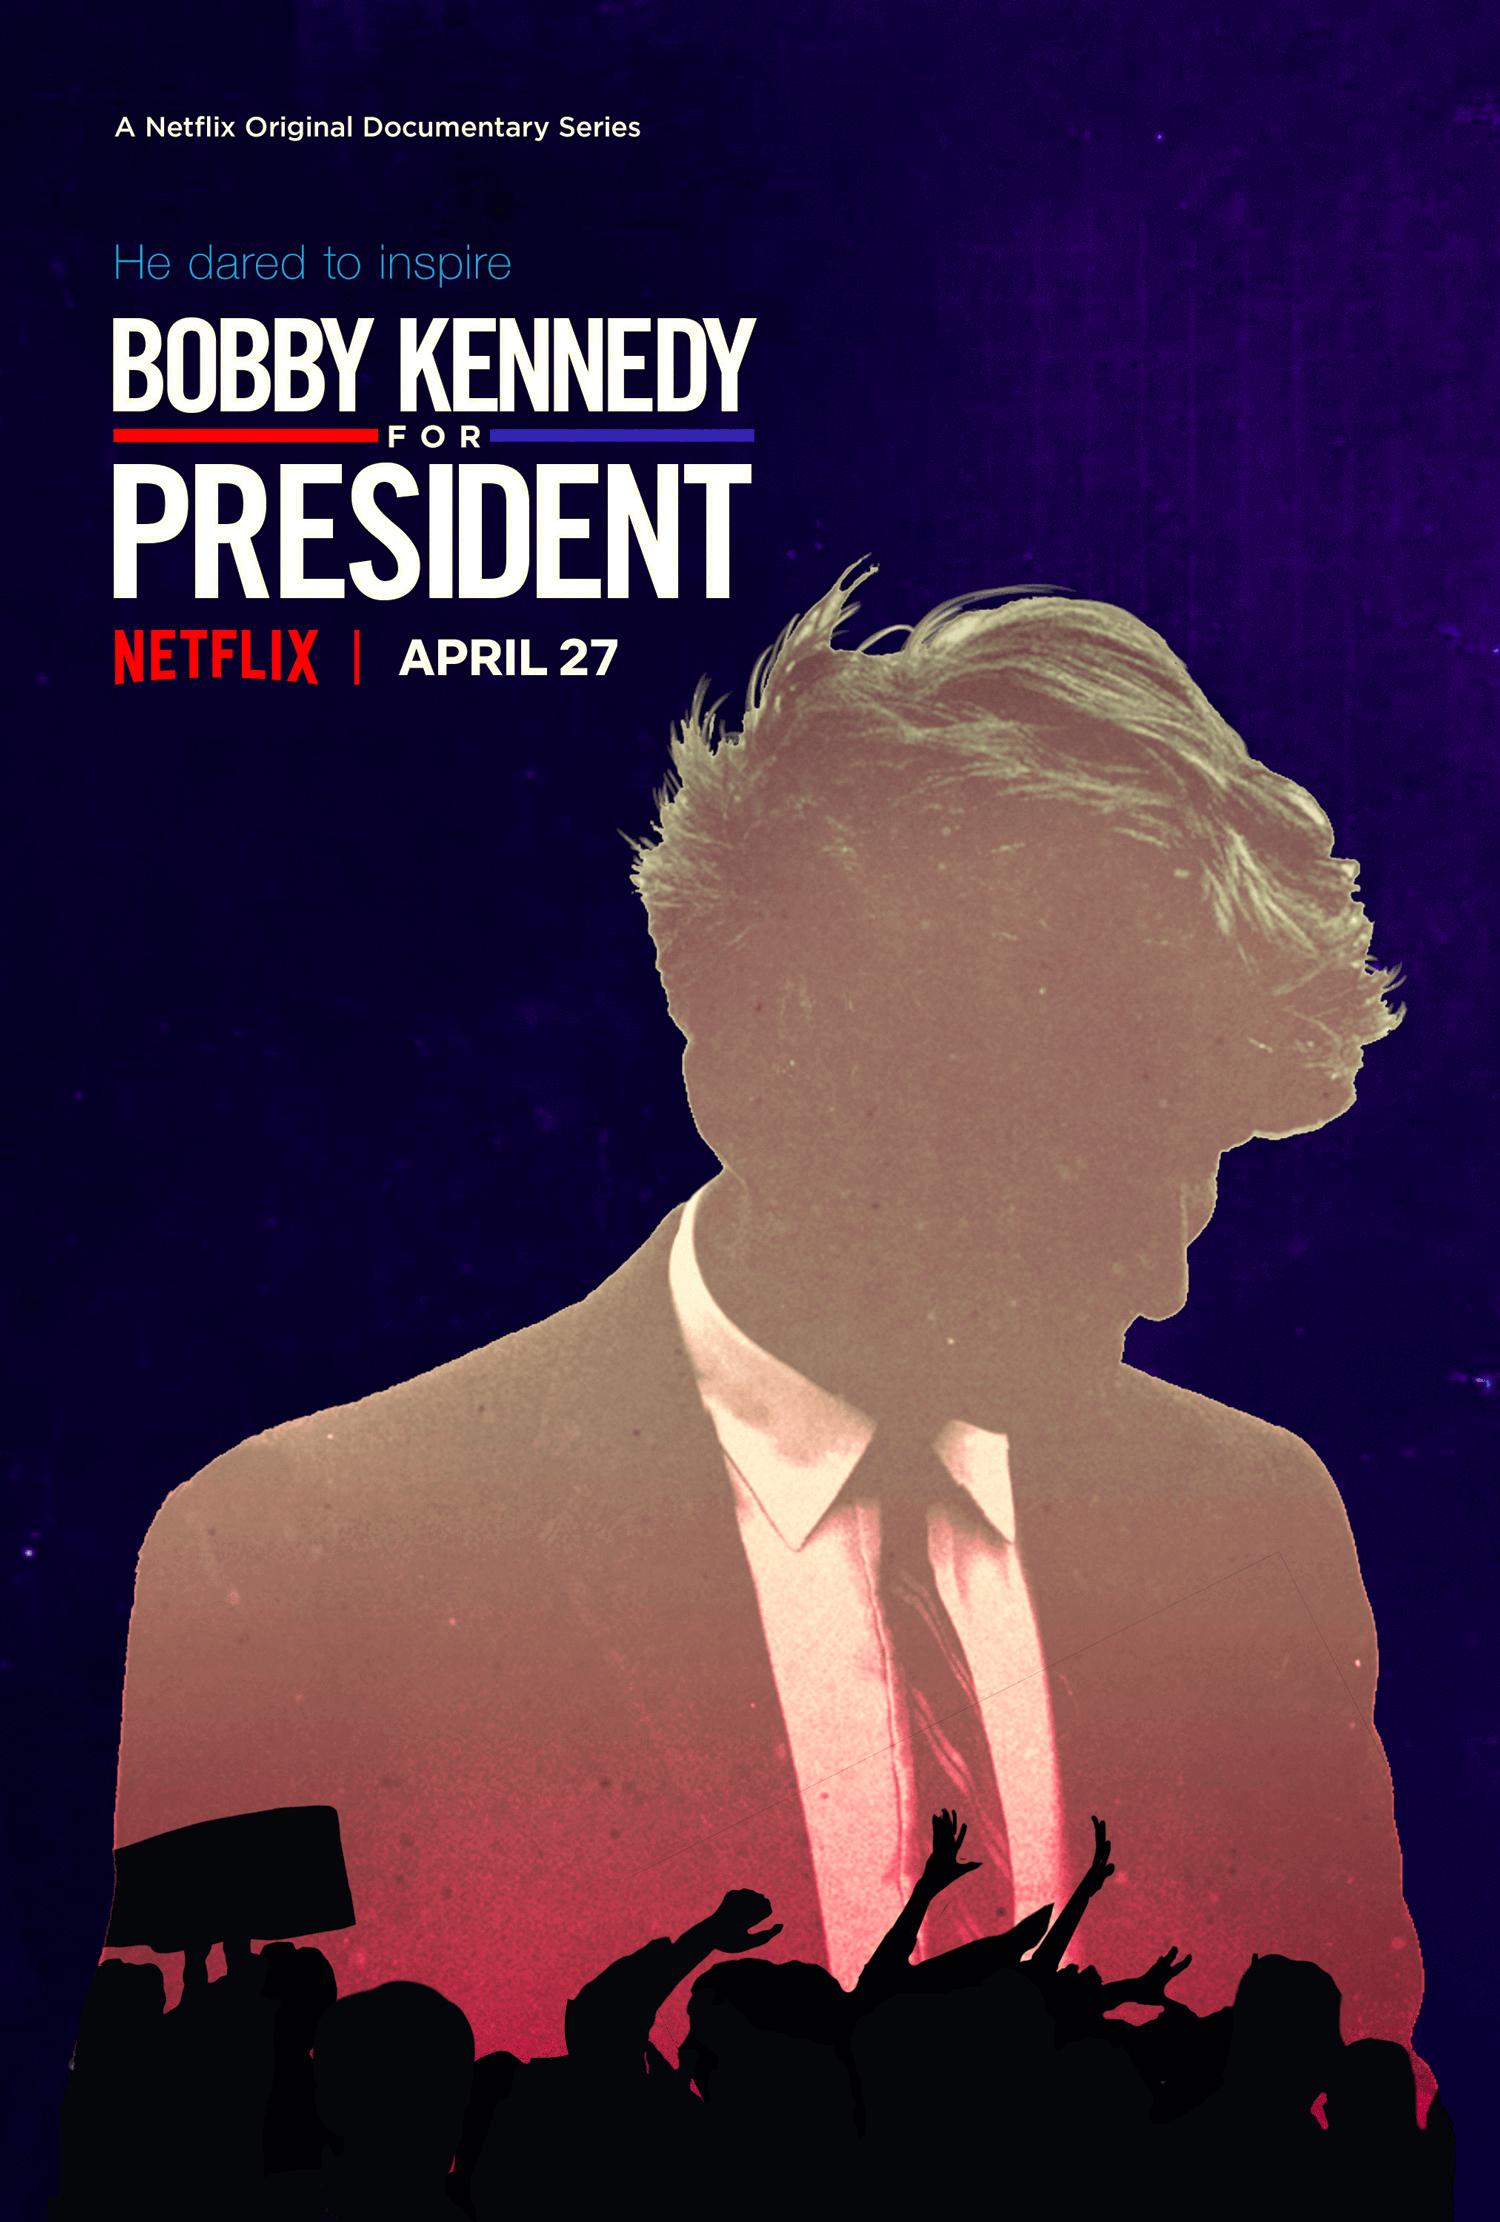 Robert Kennedy for President